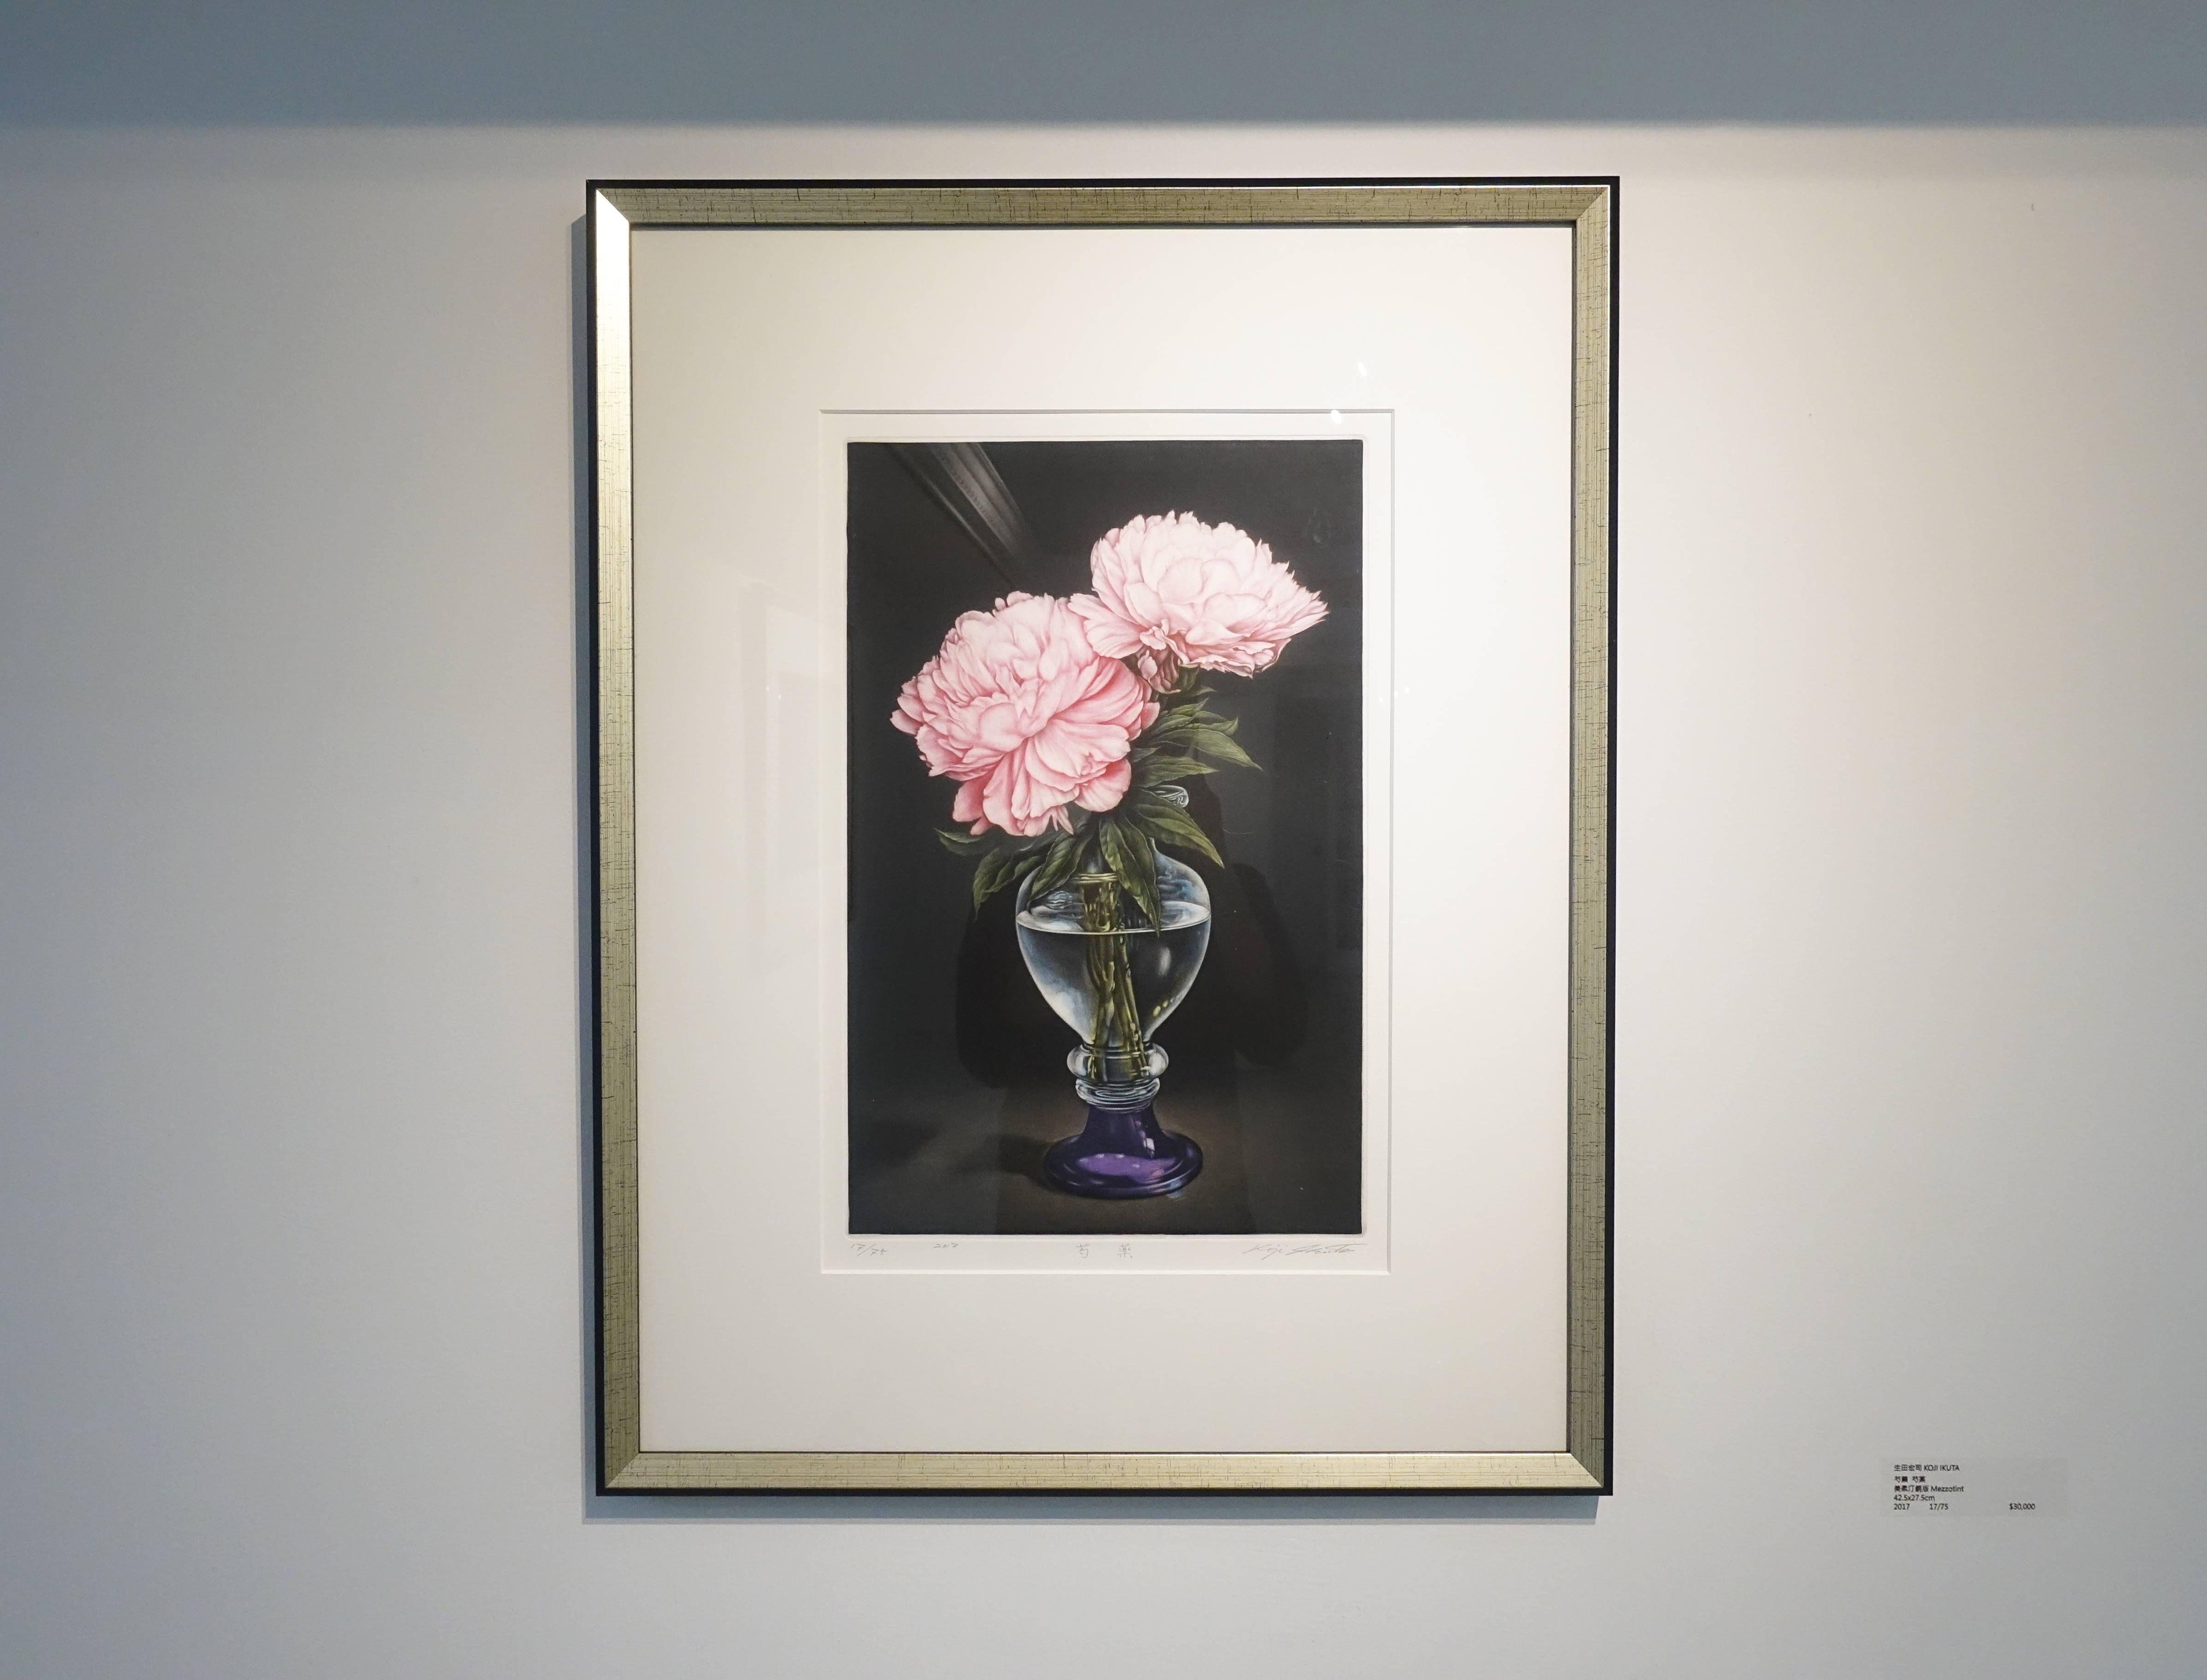 生田宏司,《芍藥芍藥》,美柔汀銅版,2017。